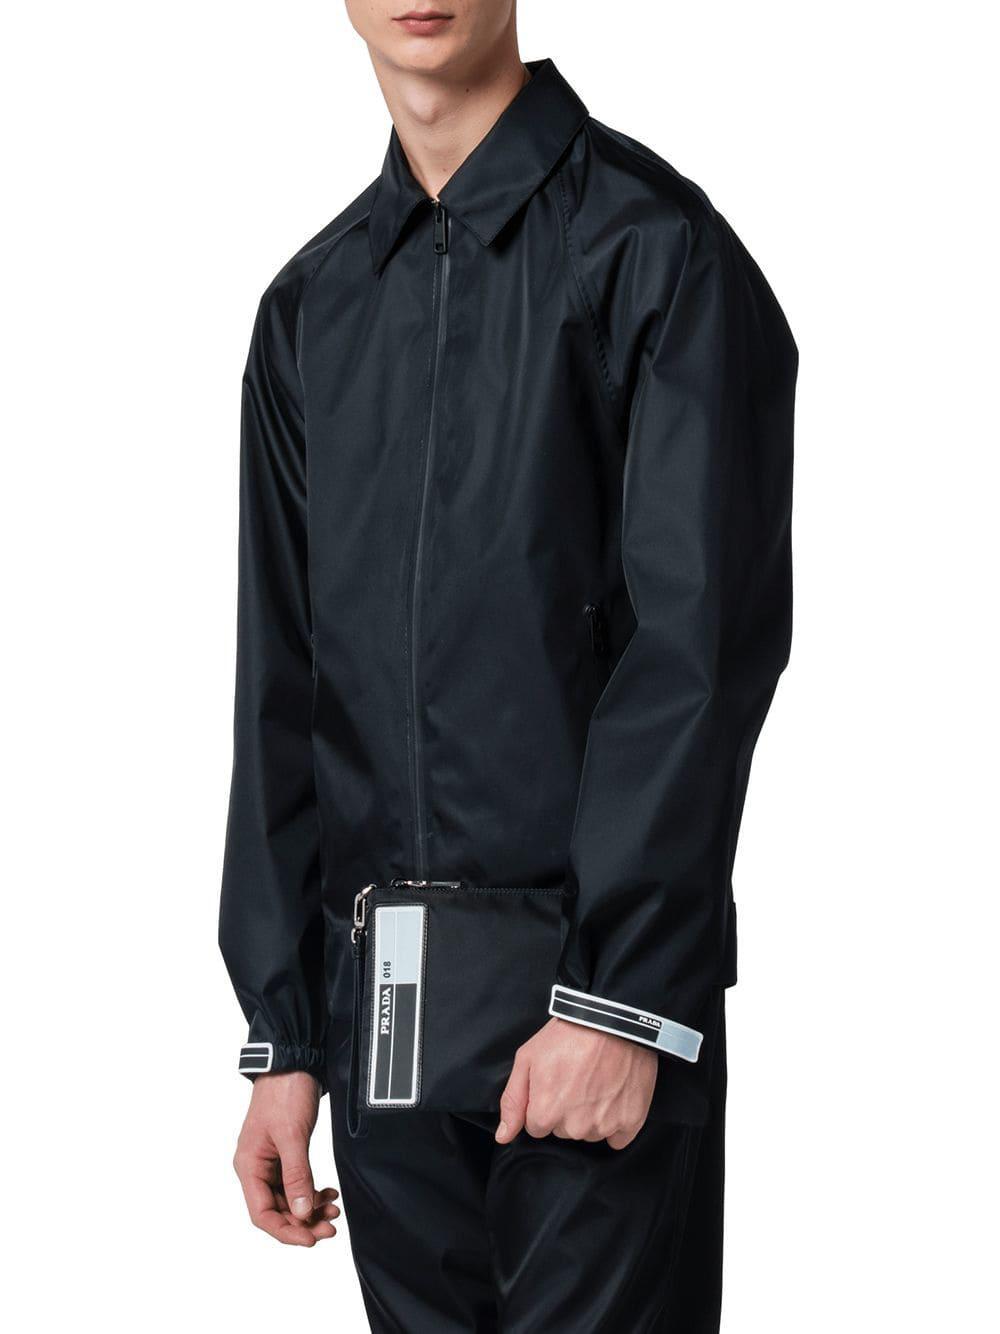 4c240fb3e7e3 Prada Nylon Pouch With Leather Trim in Black for Men - Lyst